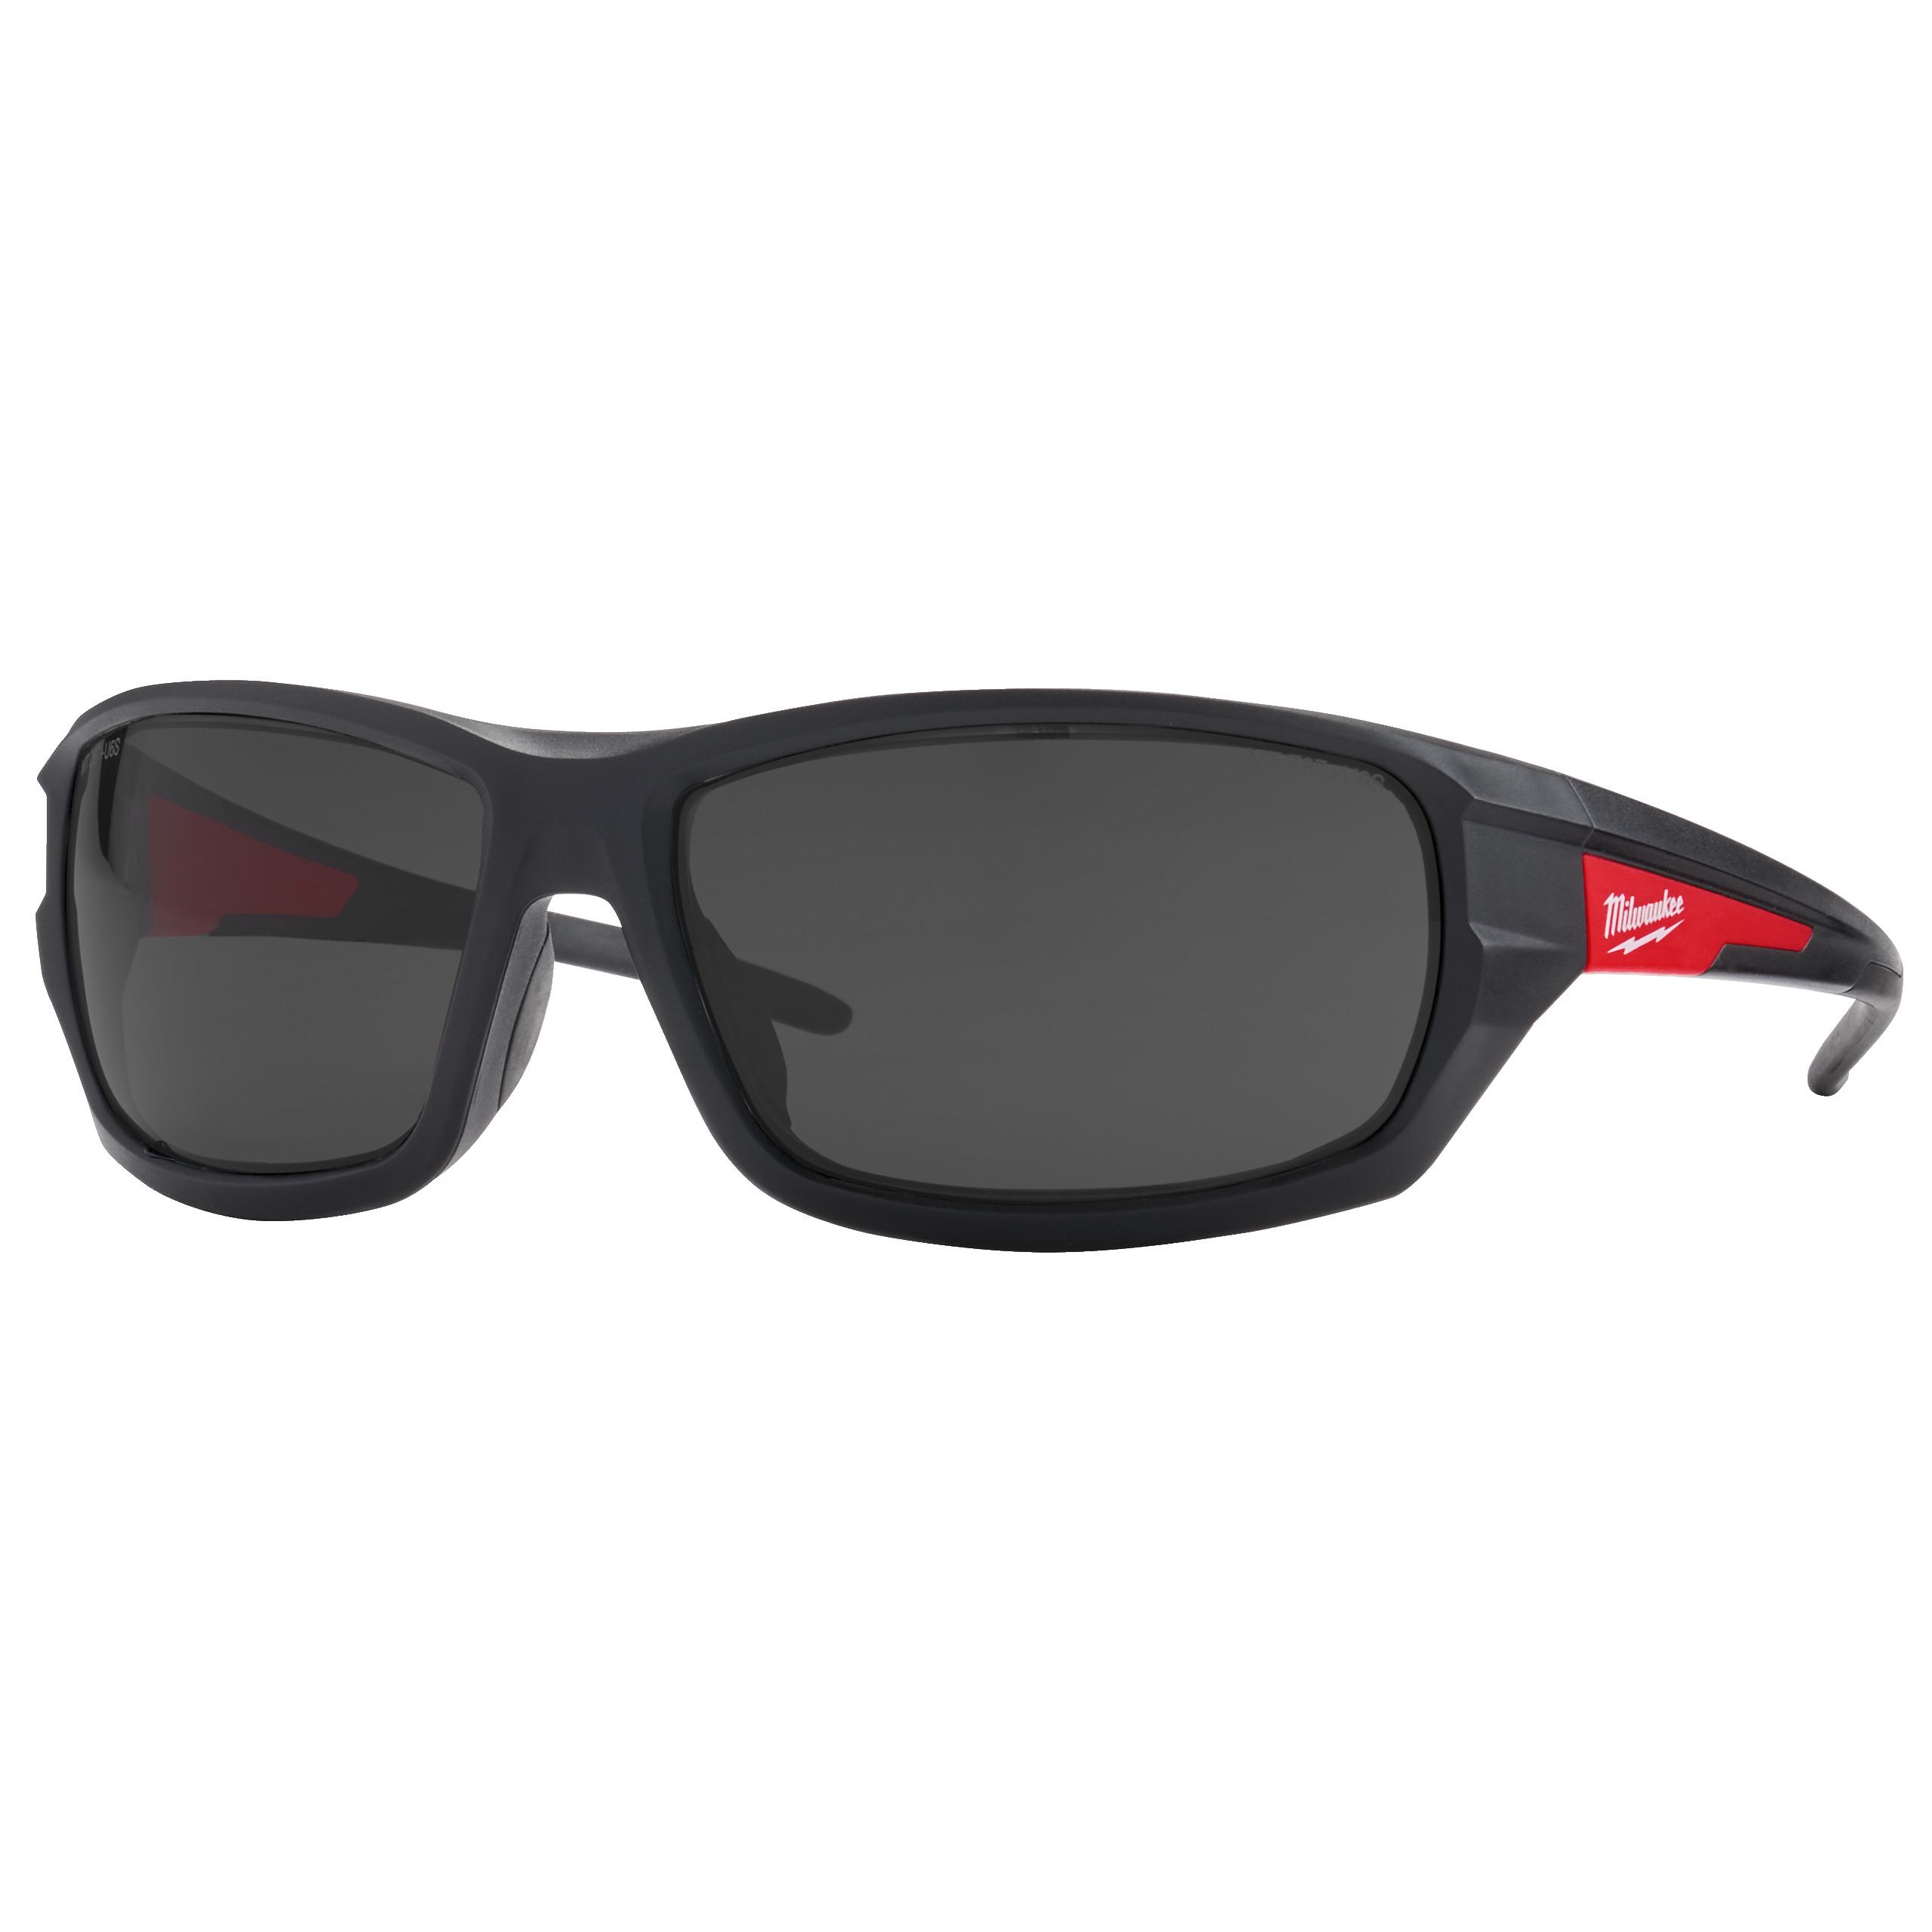 Výkonnostní ochranné brýle zatmavené - 1ks